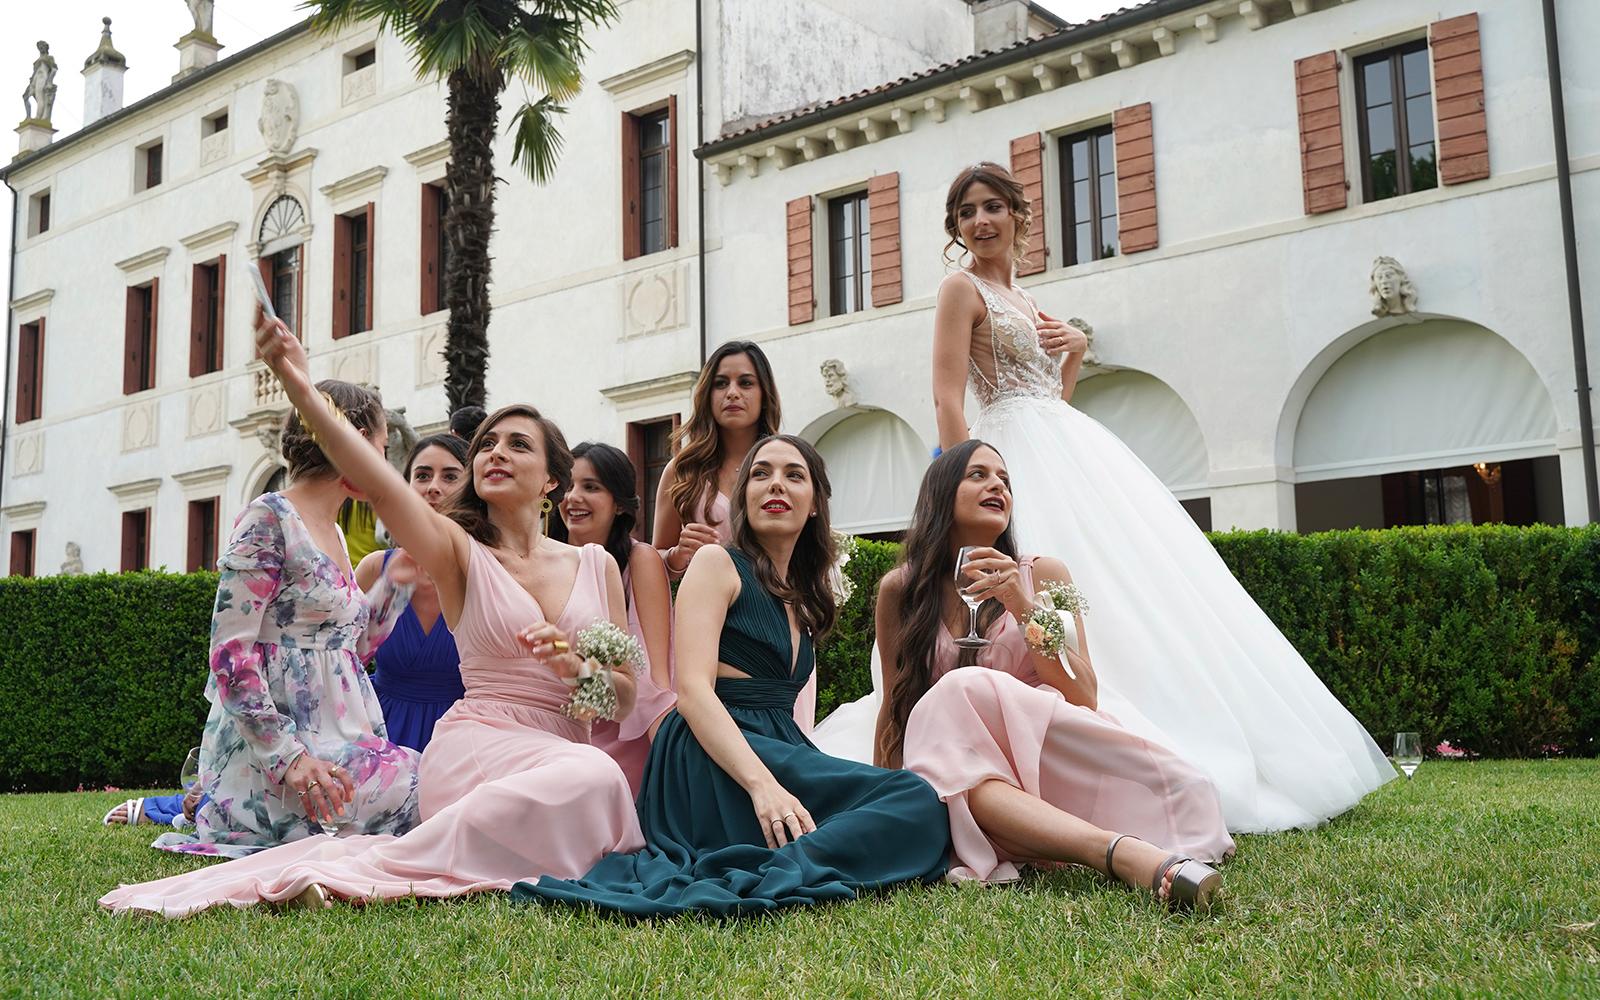 villa per shooting, villa per shooting, villa per eventi Padova , villa per matrimoni Vicenza, villa per matrimoni Padova, location matrimonio Vicenza, location matrimoni Vicenza